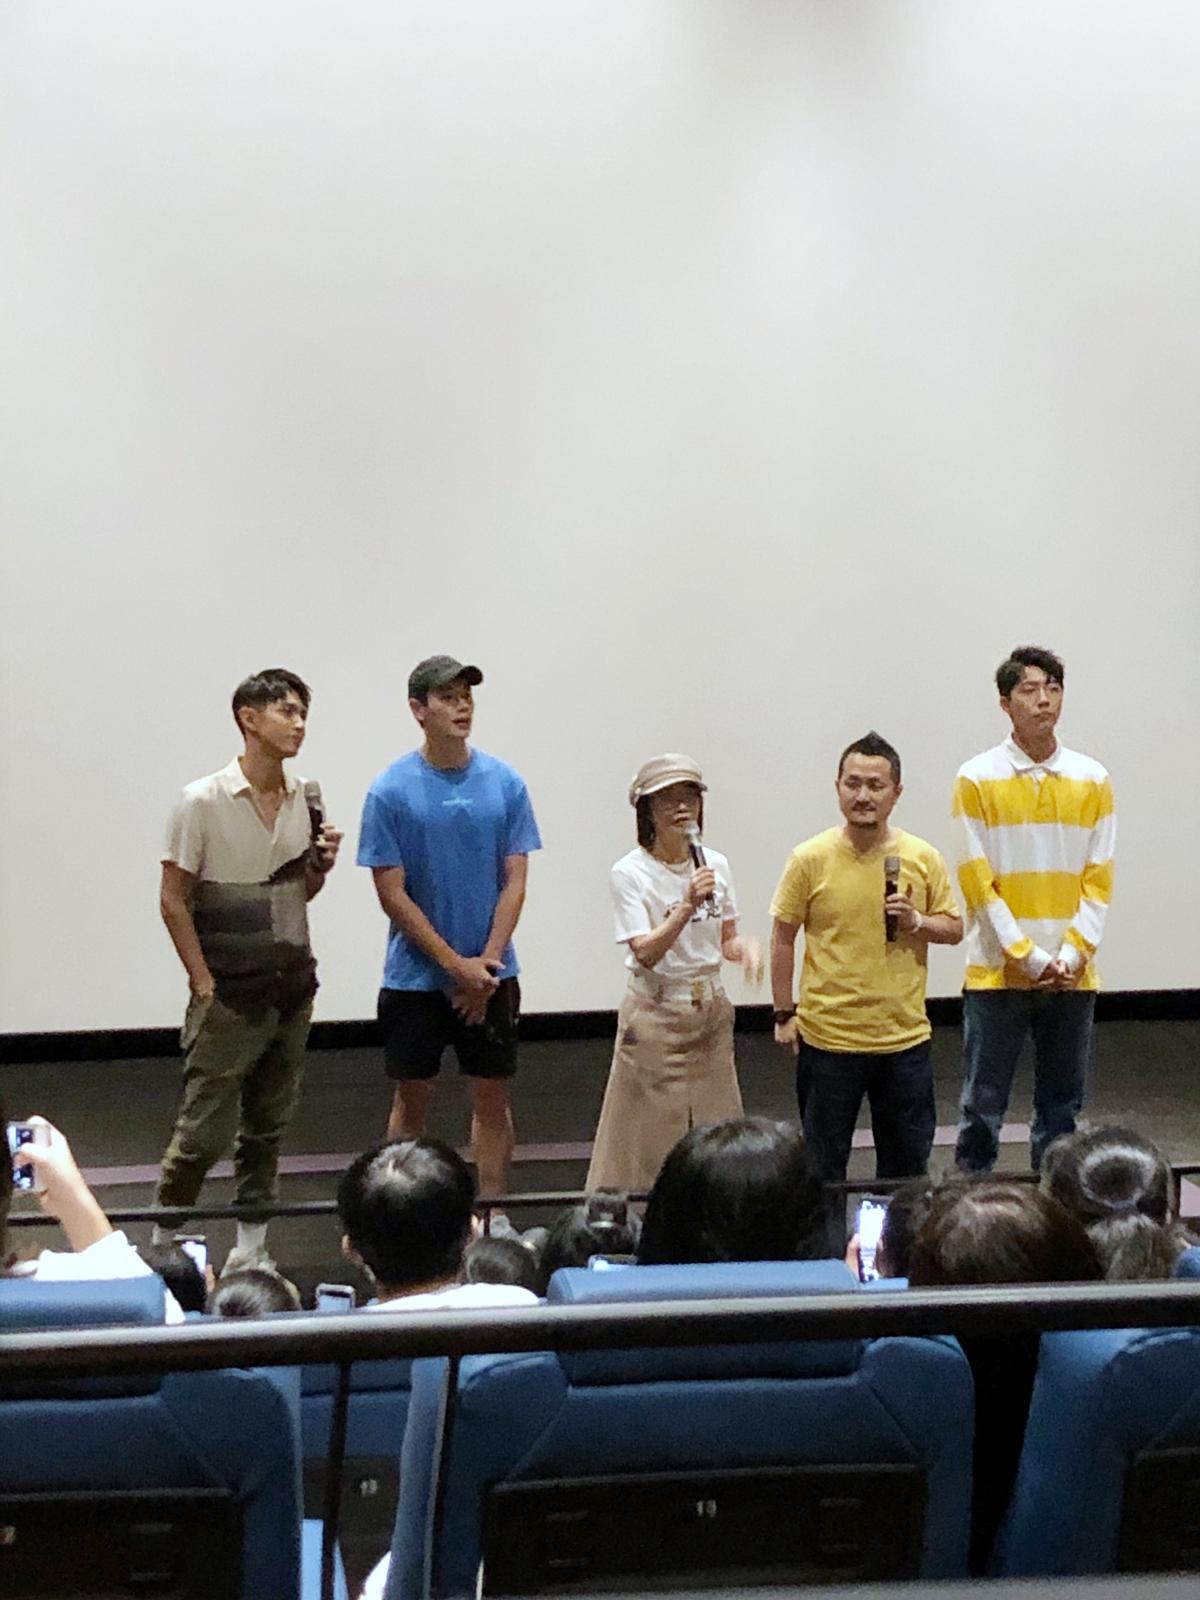 禾浩辰、蔡凡熙包場看《打噴嚏》! 柯震東尷尬獻唱只能「抱緊處理」